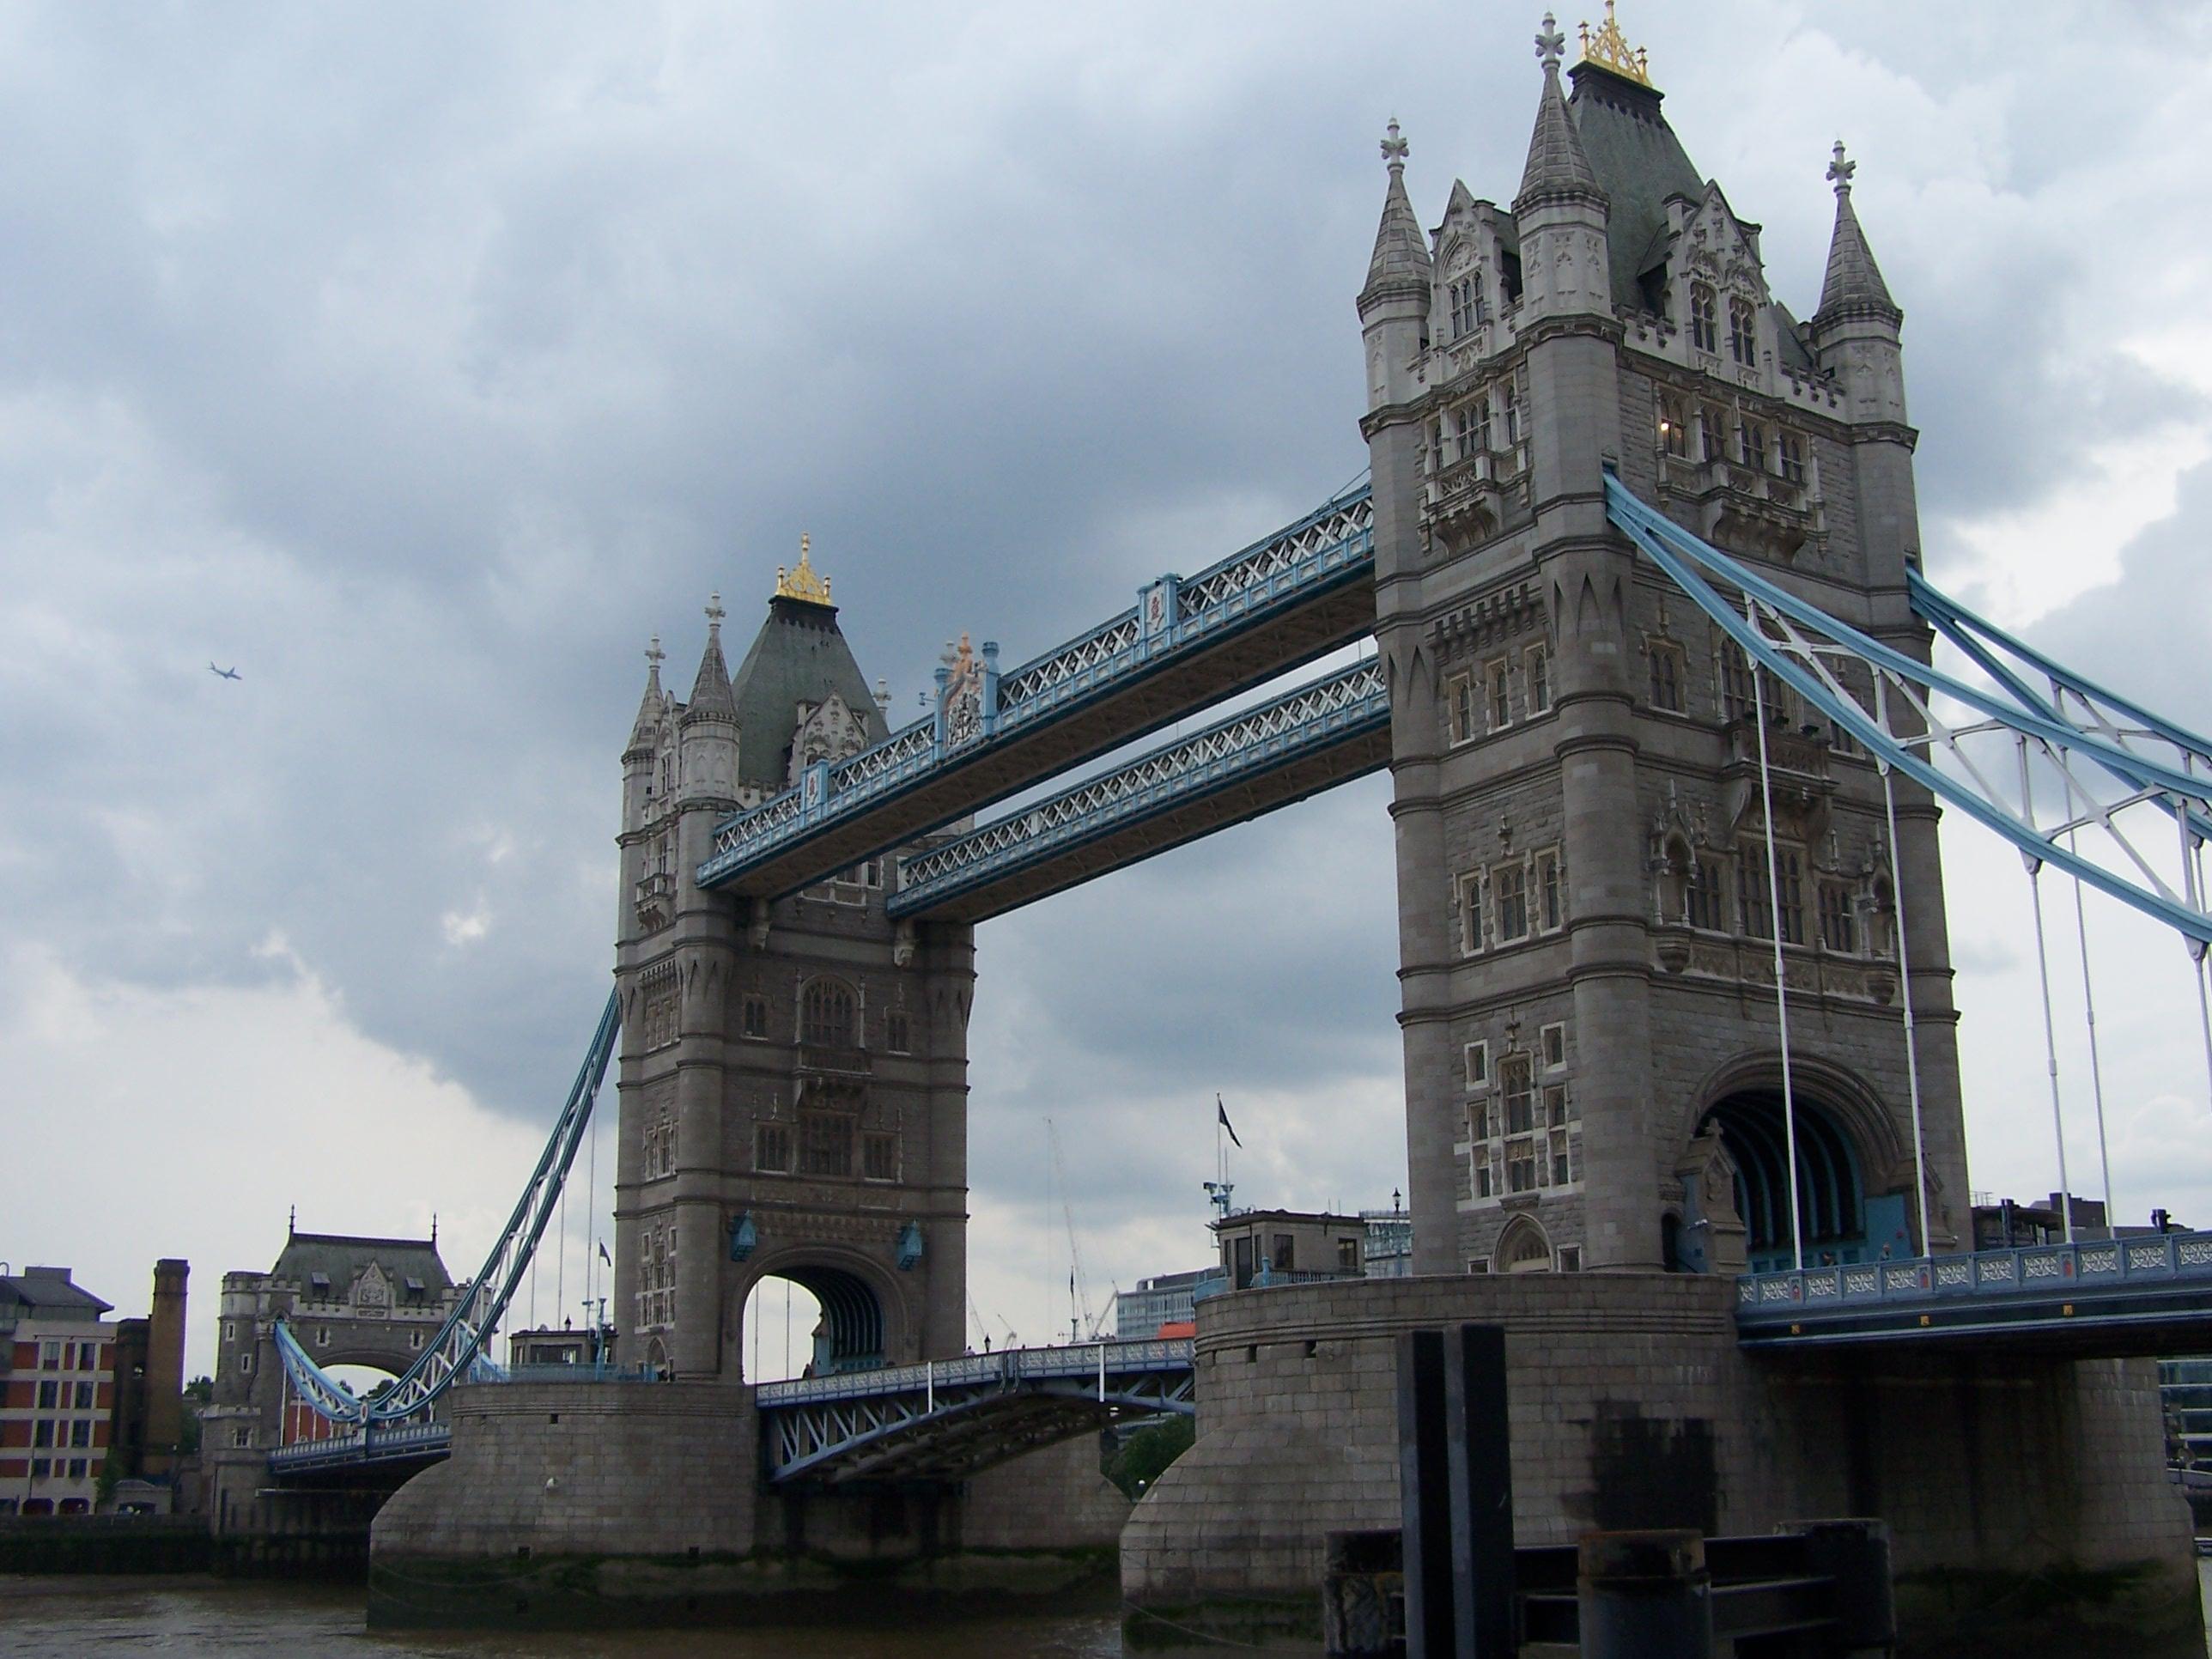 Londres está sufriendo periódicos atentados. PROPRONews